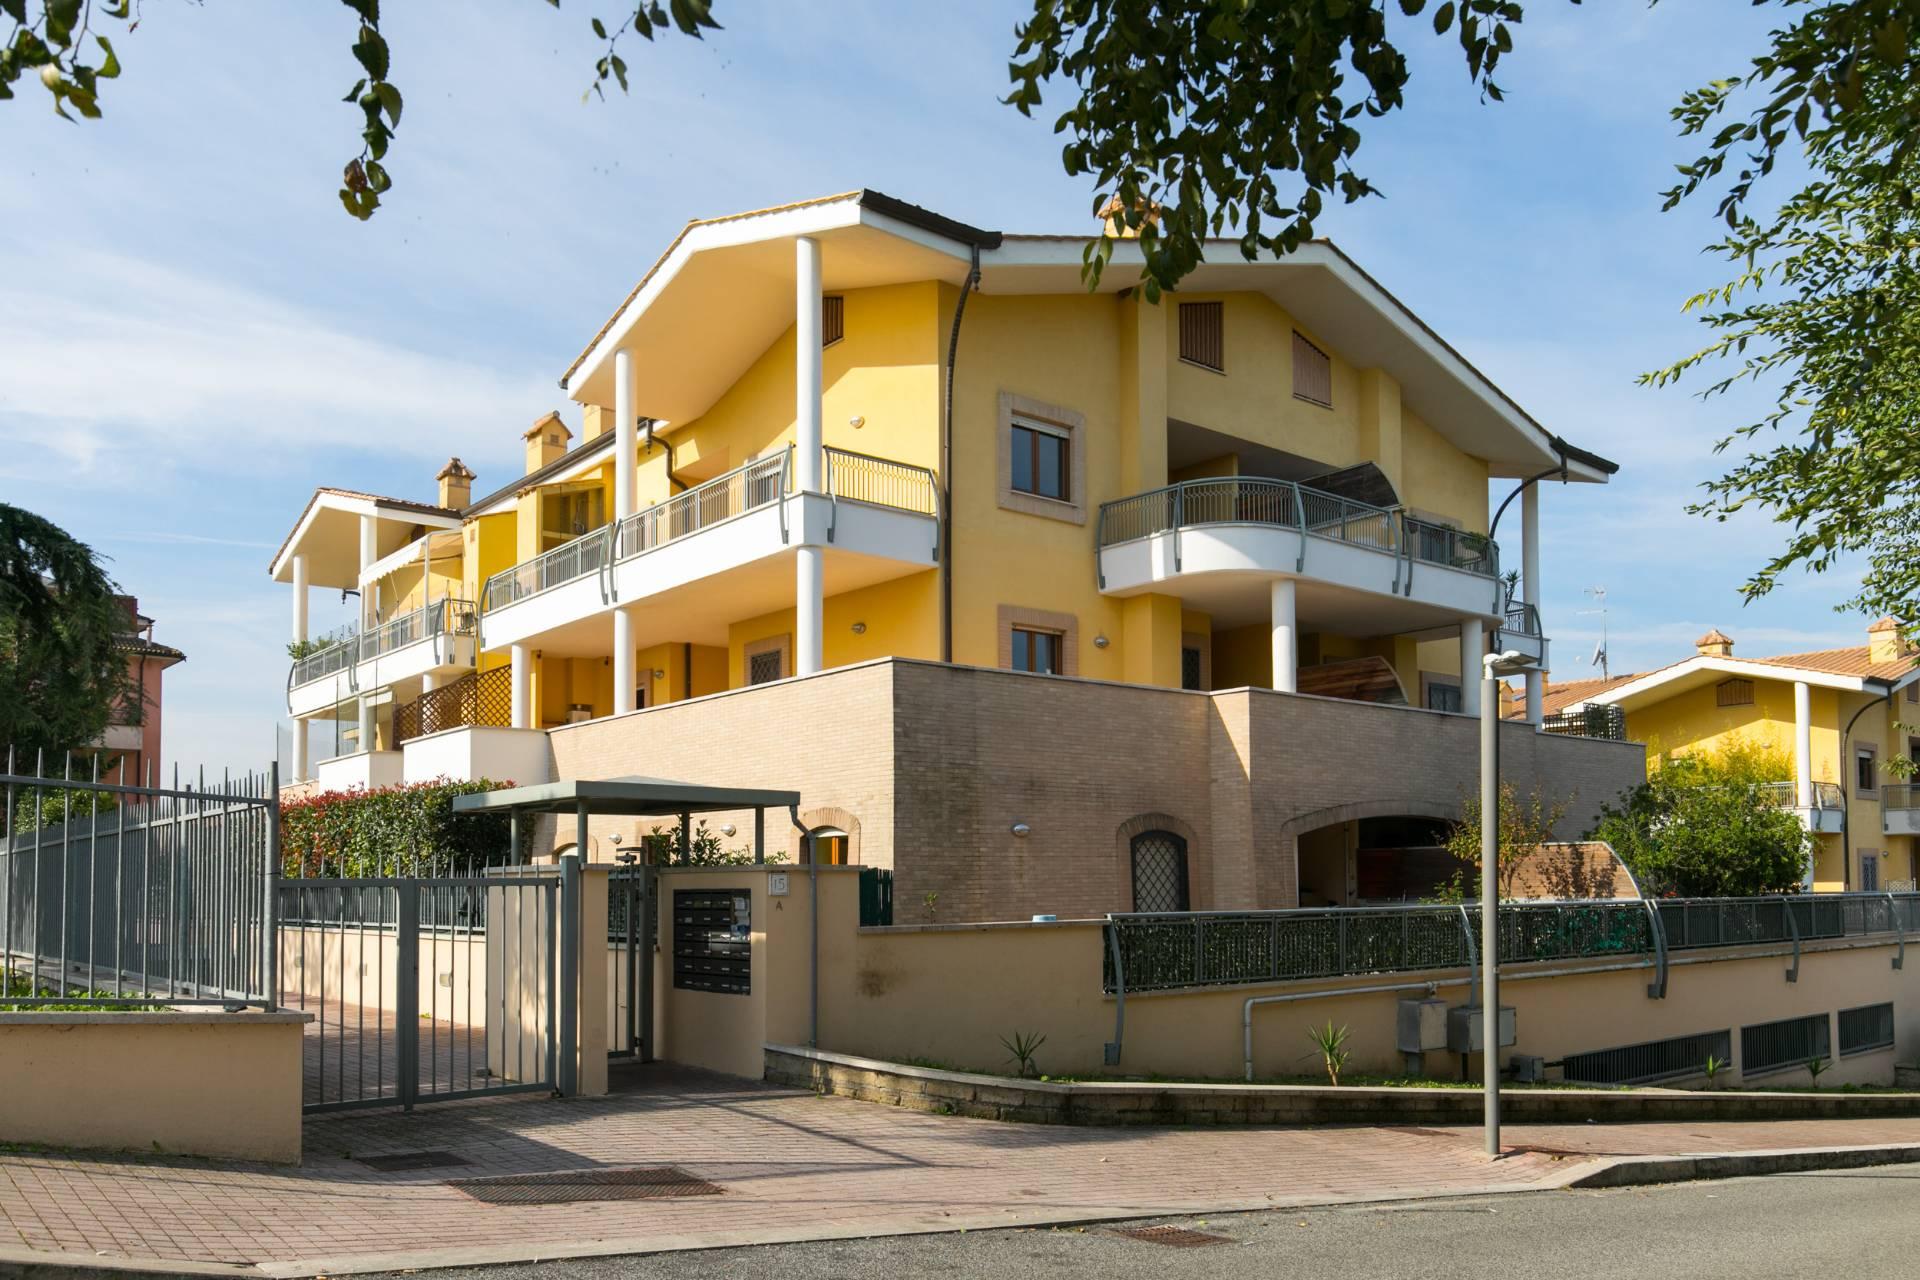 vendita appartamento roma valle muricana  150000 euro  2 locali  50 mq